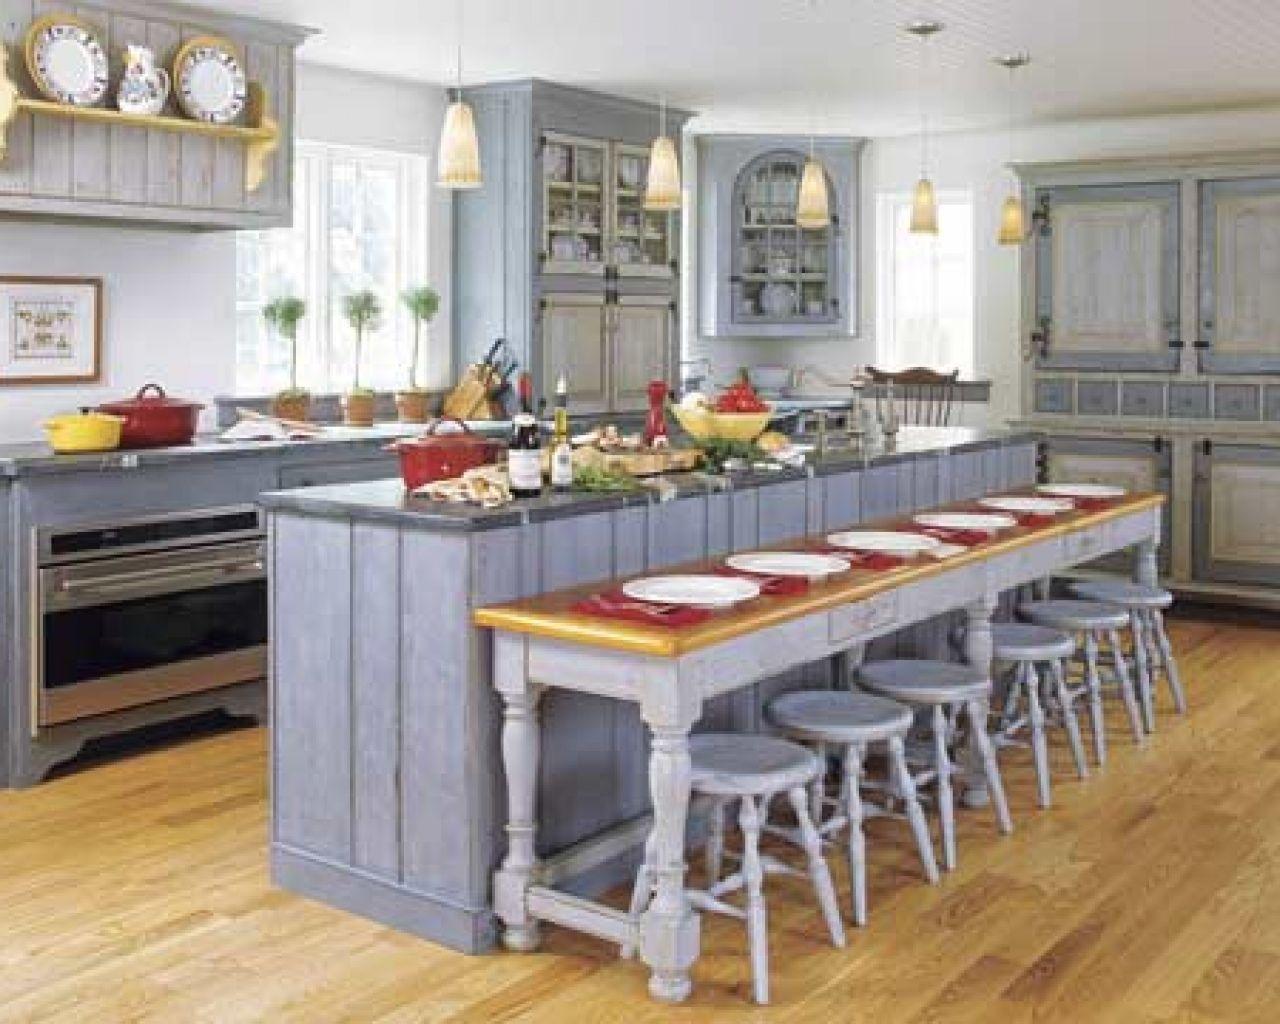 dream kitchen islands the best kitchen islands - Kitchen Islands